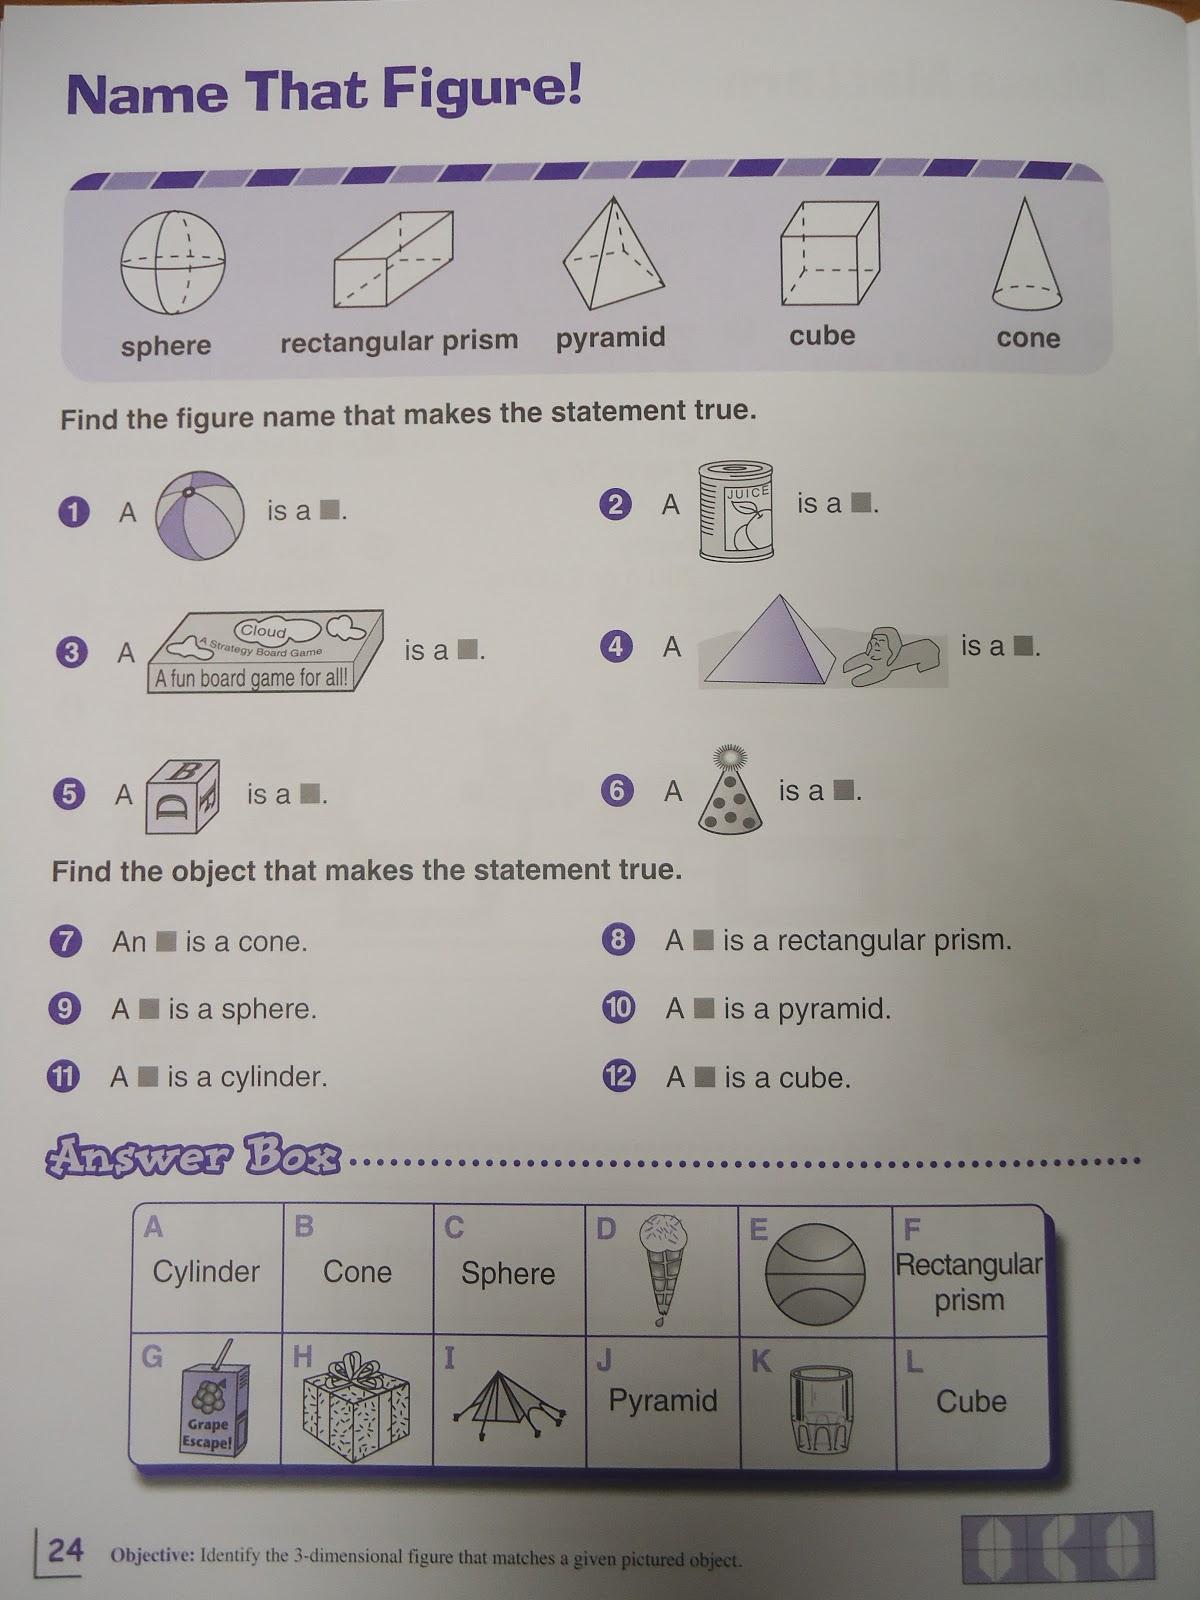 Versatiles Worksheets | Free Printables Worksheet - Free Printable | Free Printable Versatiles Worksheets